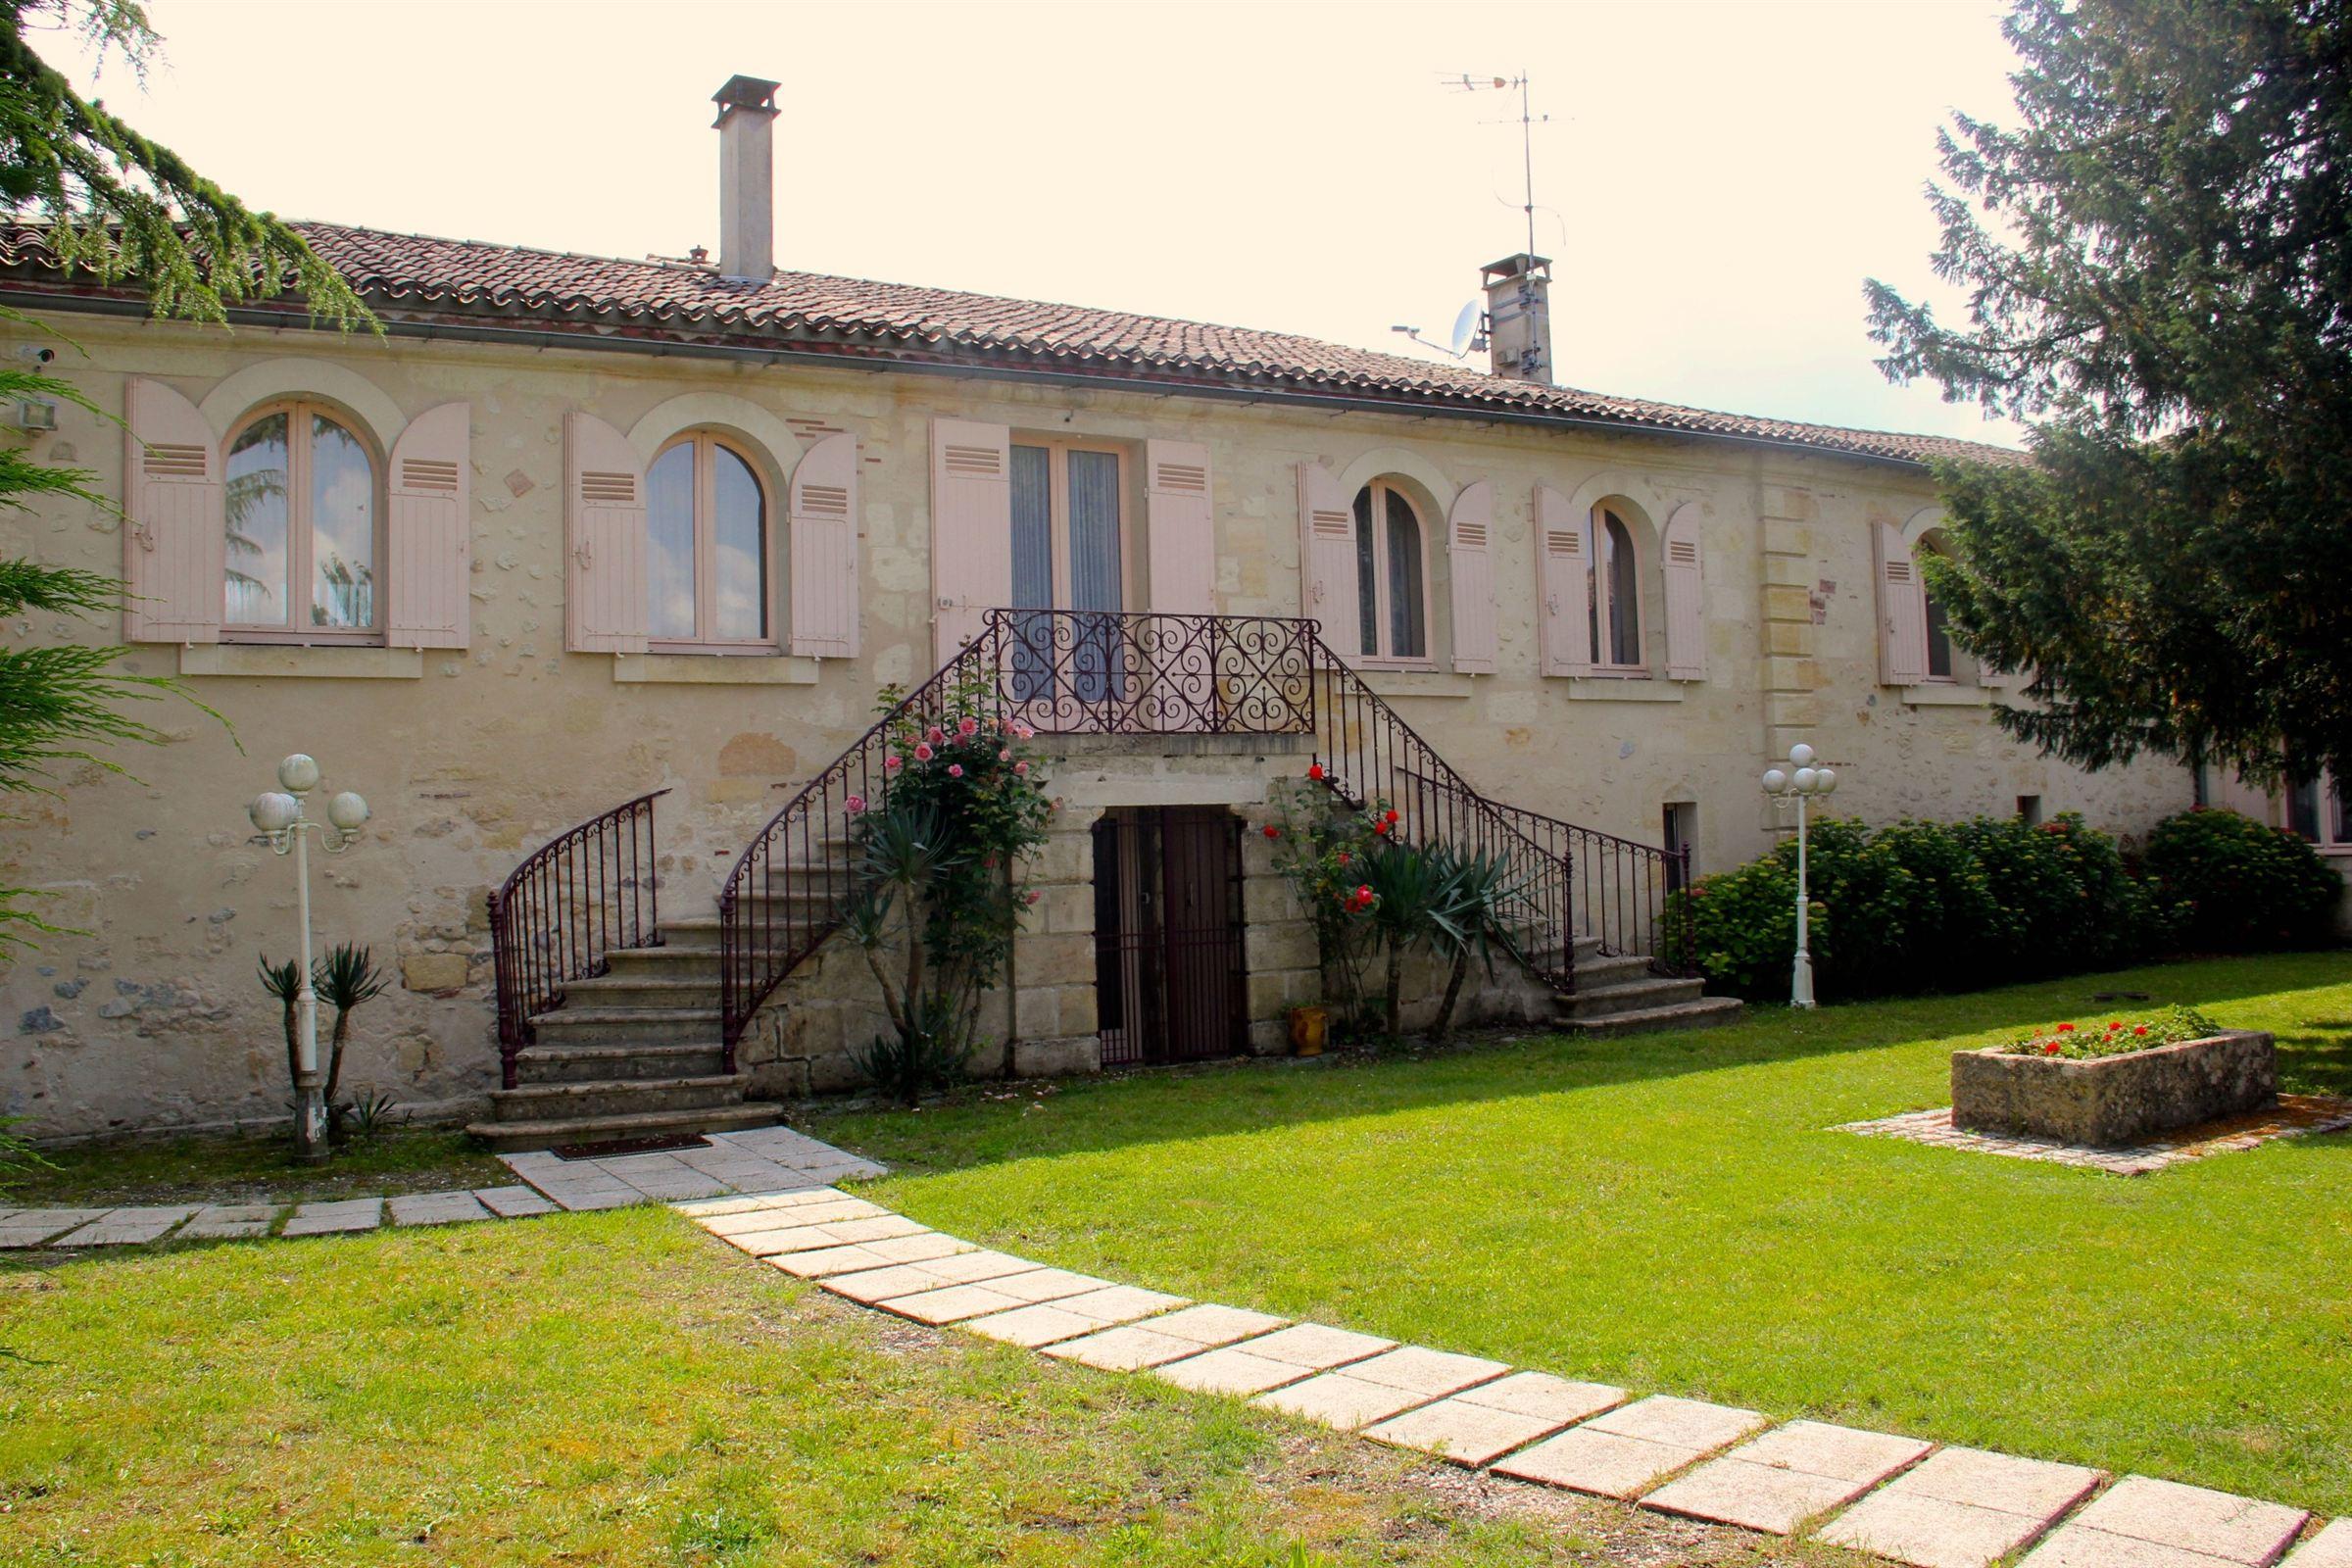 단독 가정 주택 용 매매 에 BORDEAUX LEFT BANK – 15 k FROM BORDEAUX – FORMER 13 HA WINERY Bordeaux, 아키텐주, 33000 프랑스